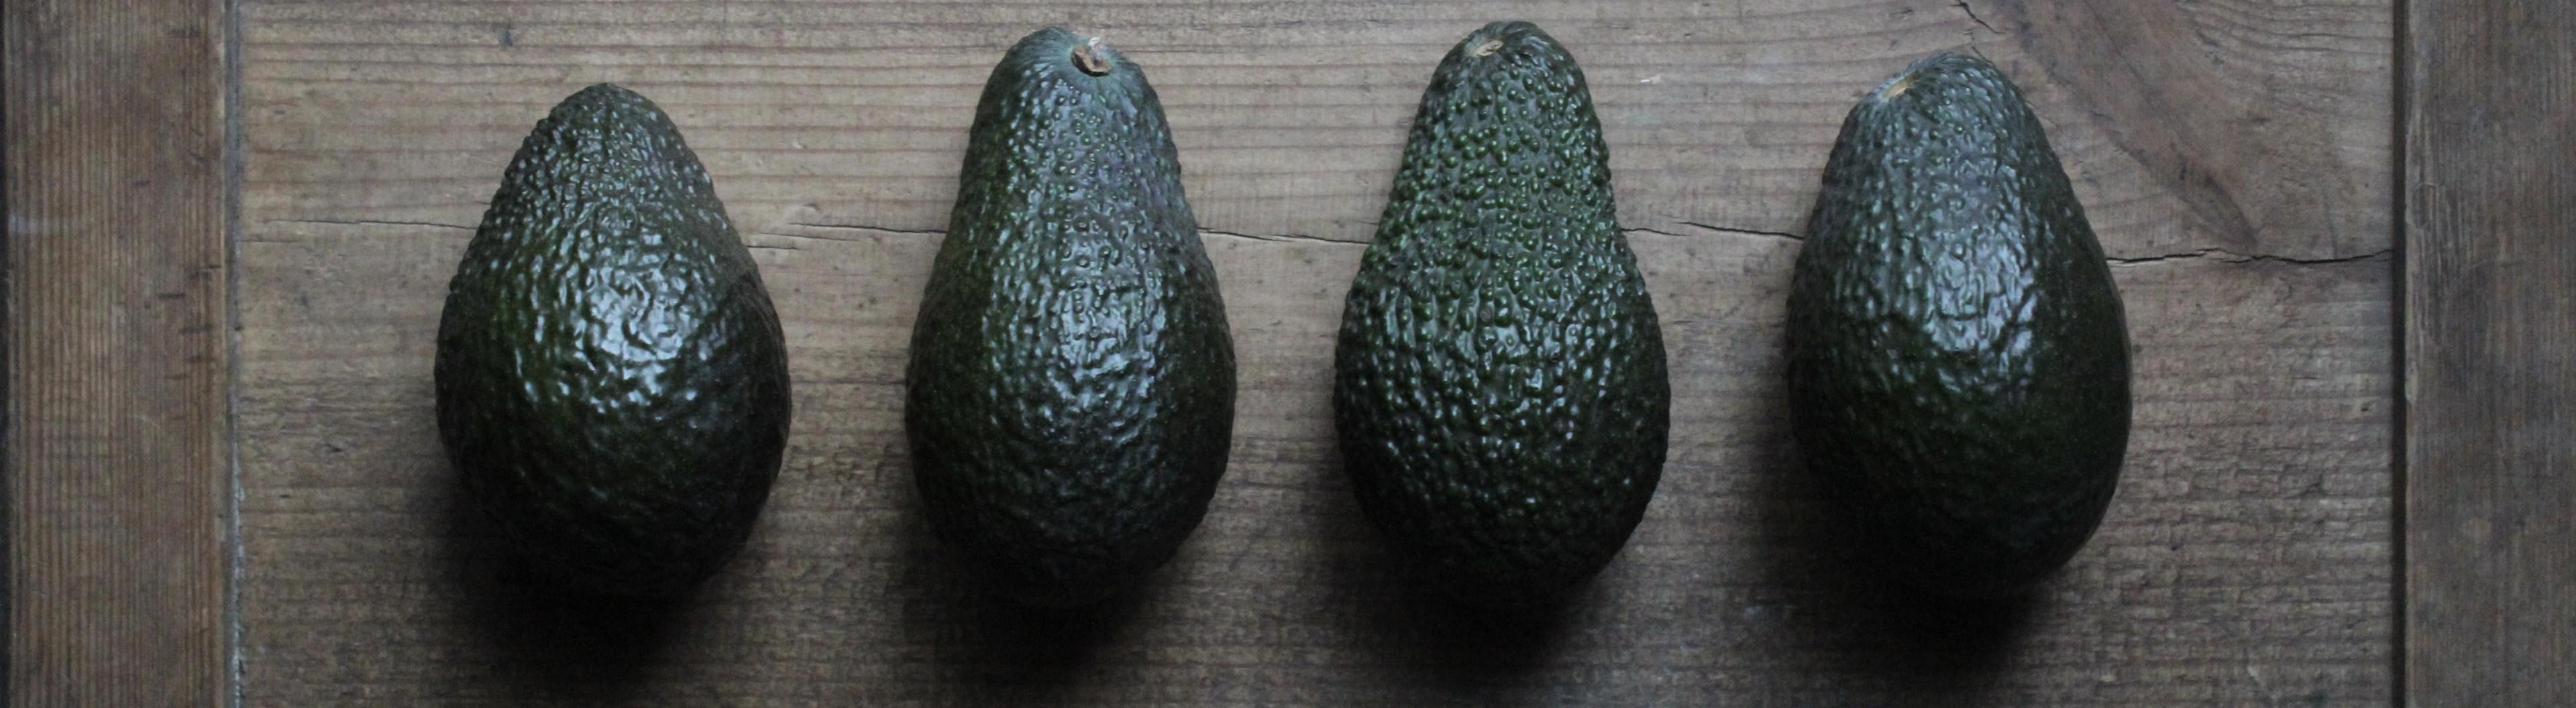 Vier Avocados liegen nebeneinander auf einem Holzbrett